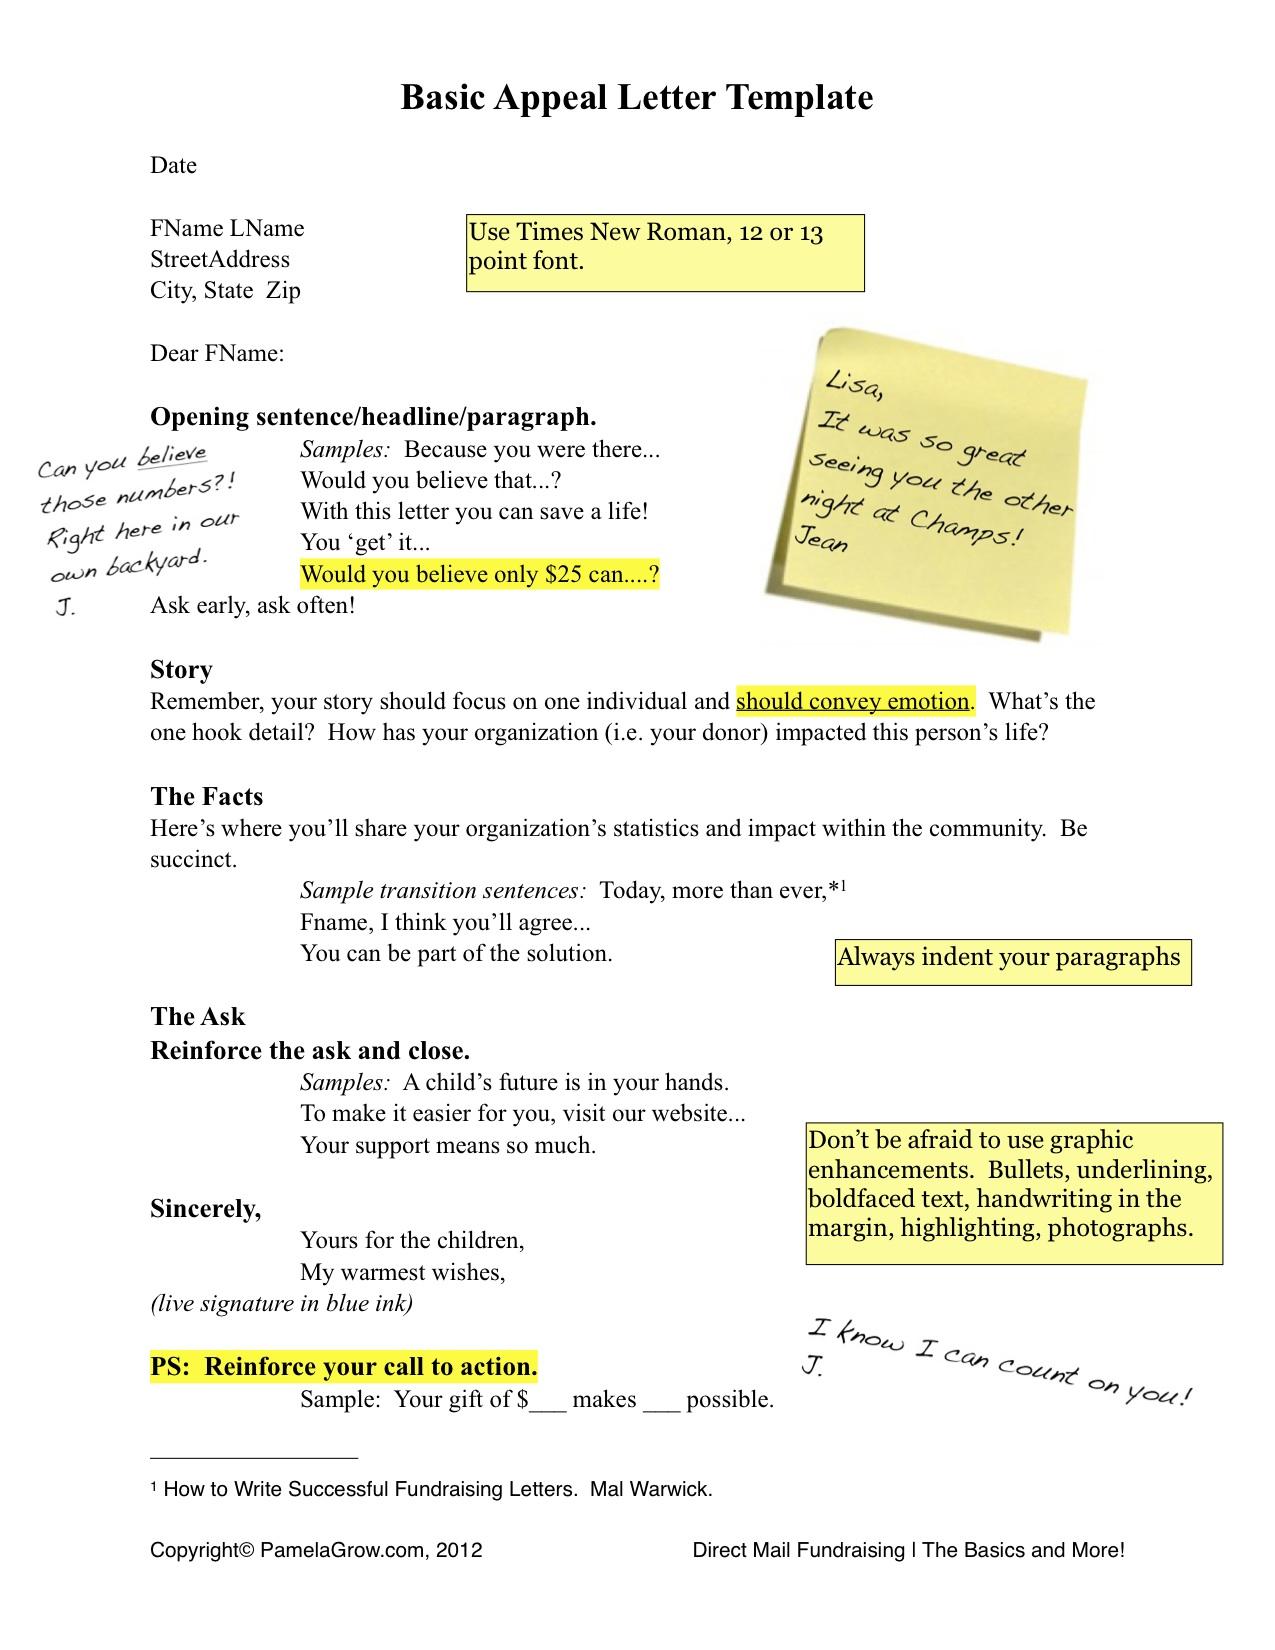 basic appeal letter template pamela grow